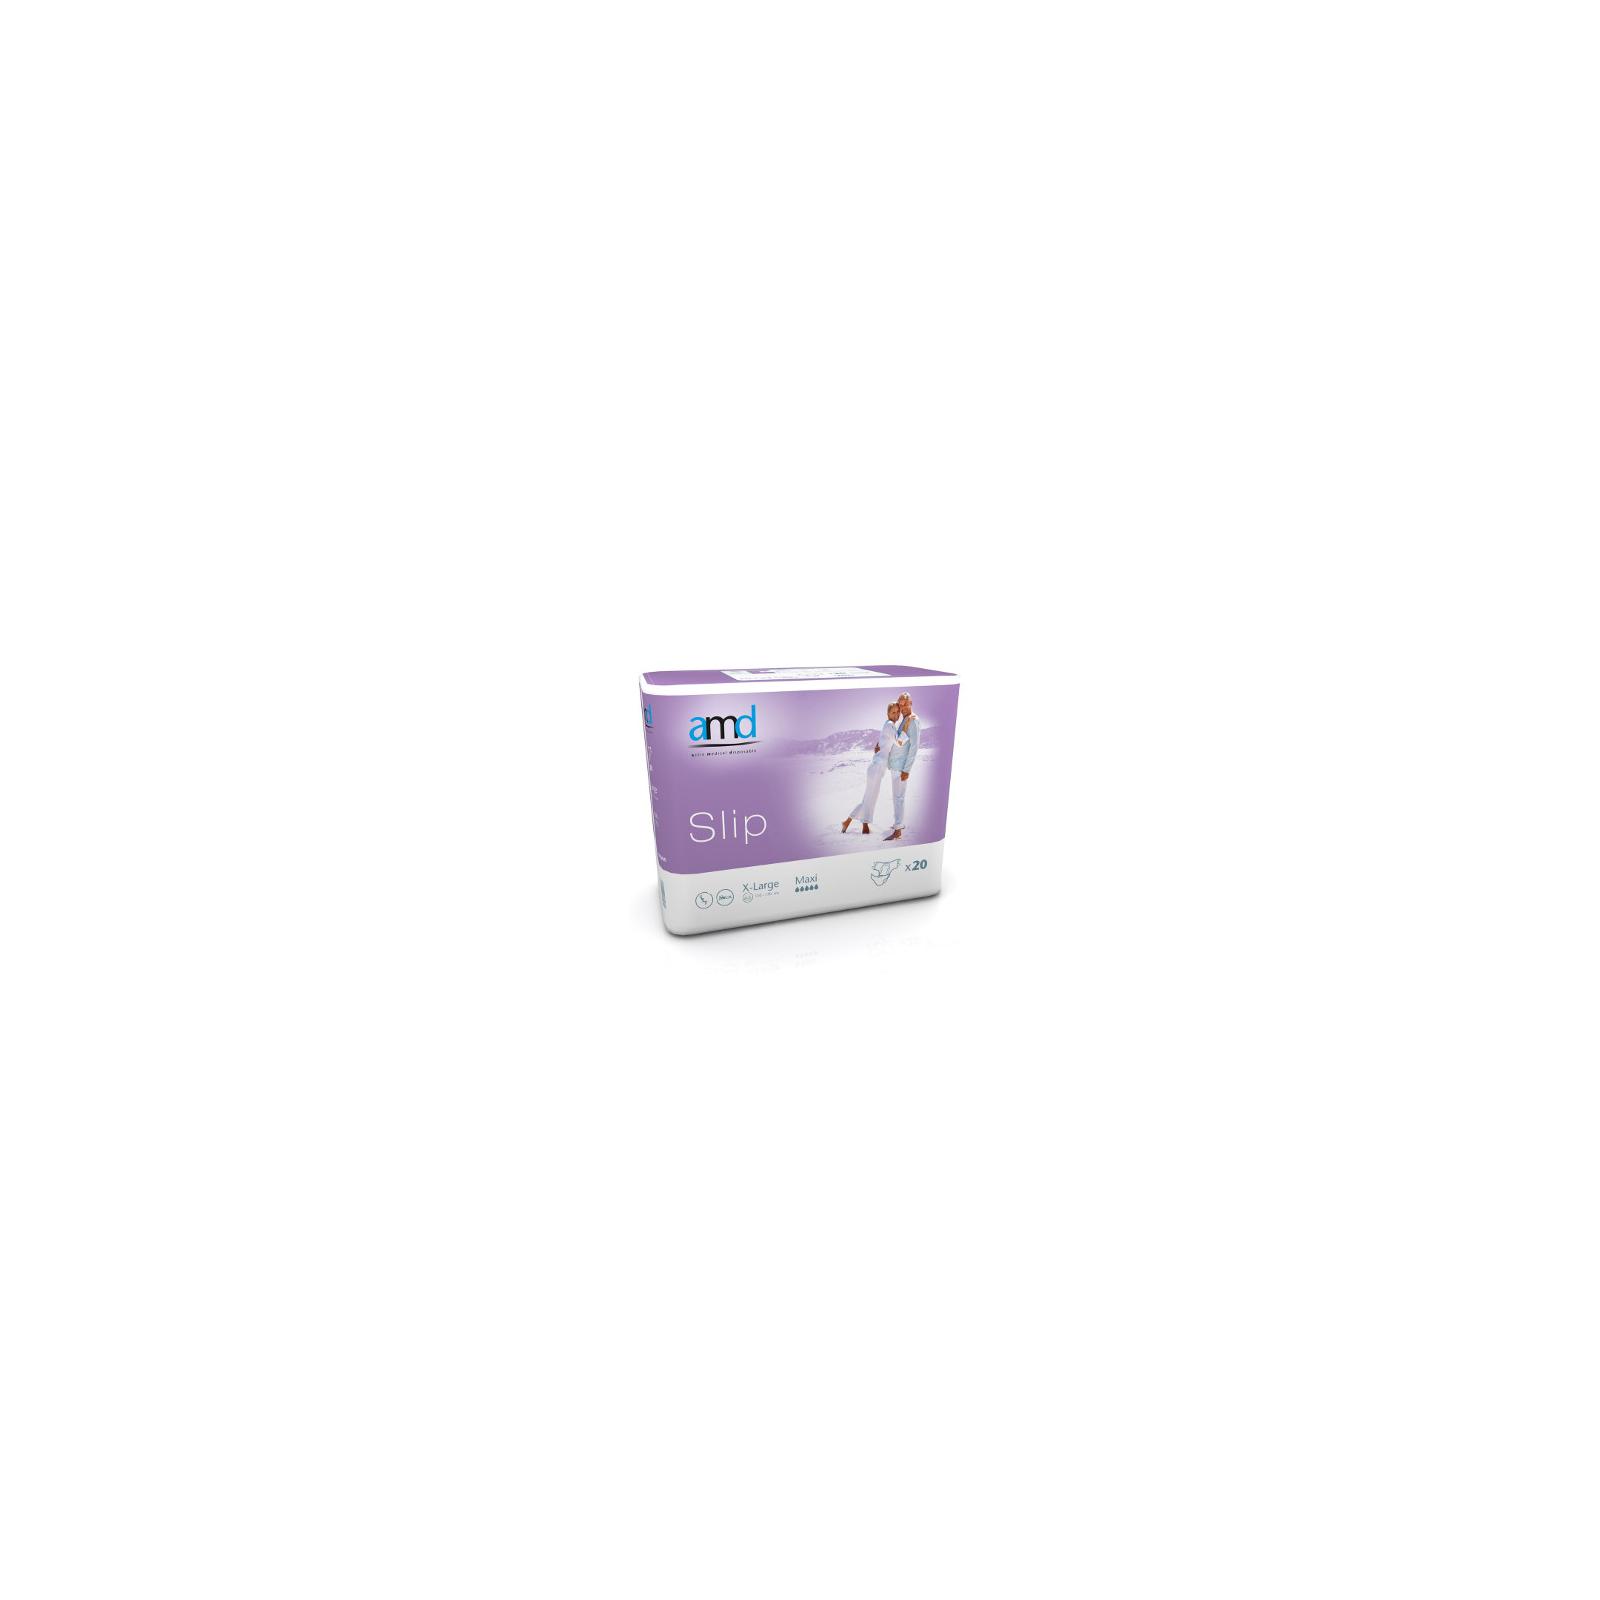 AMD Slip Maxi XL| SenUp.com